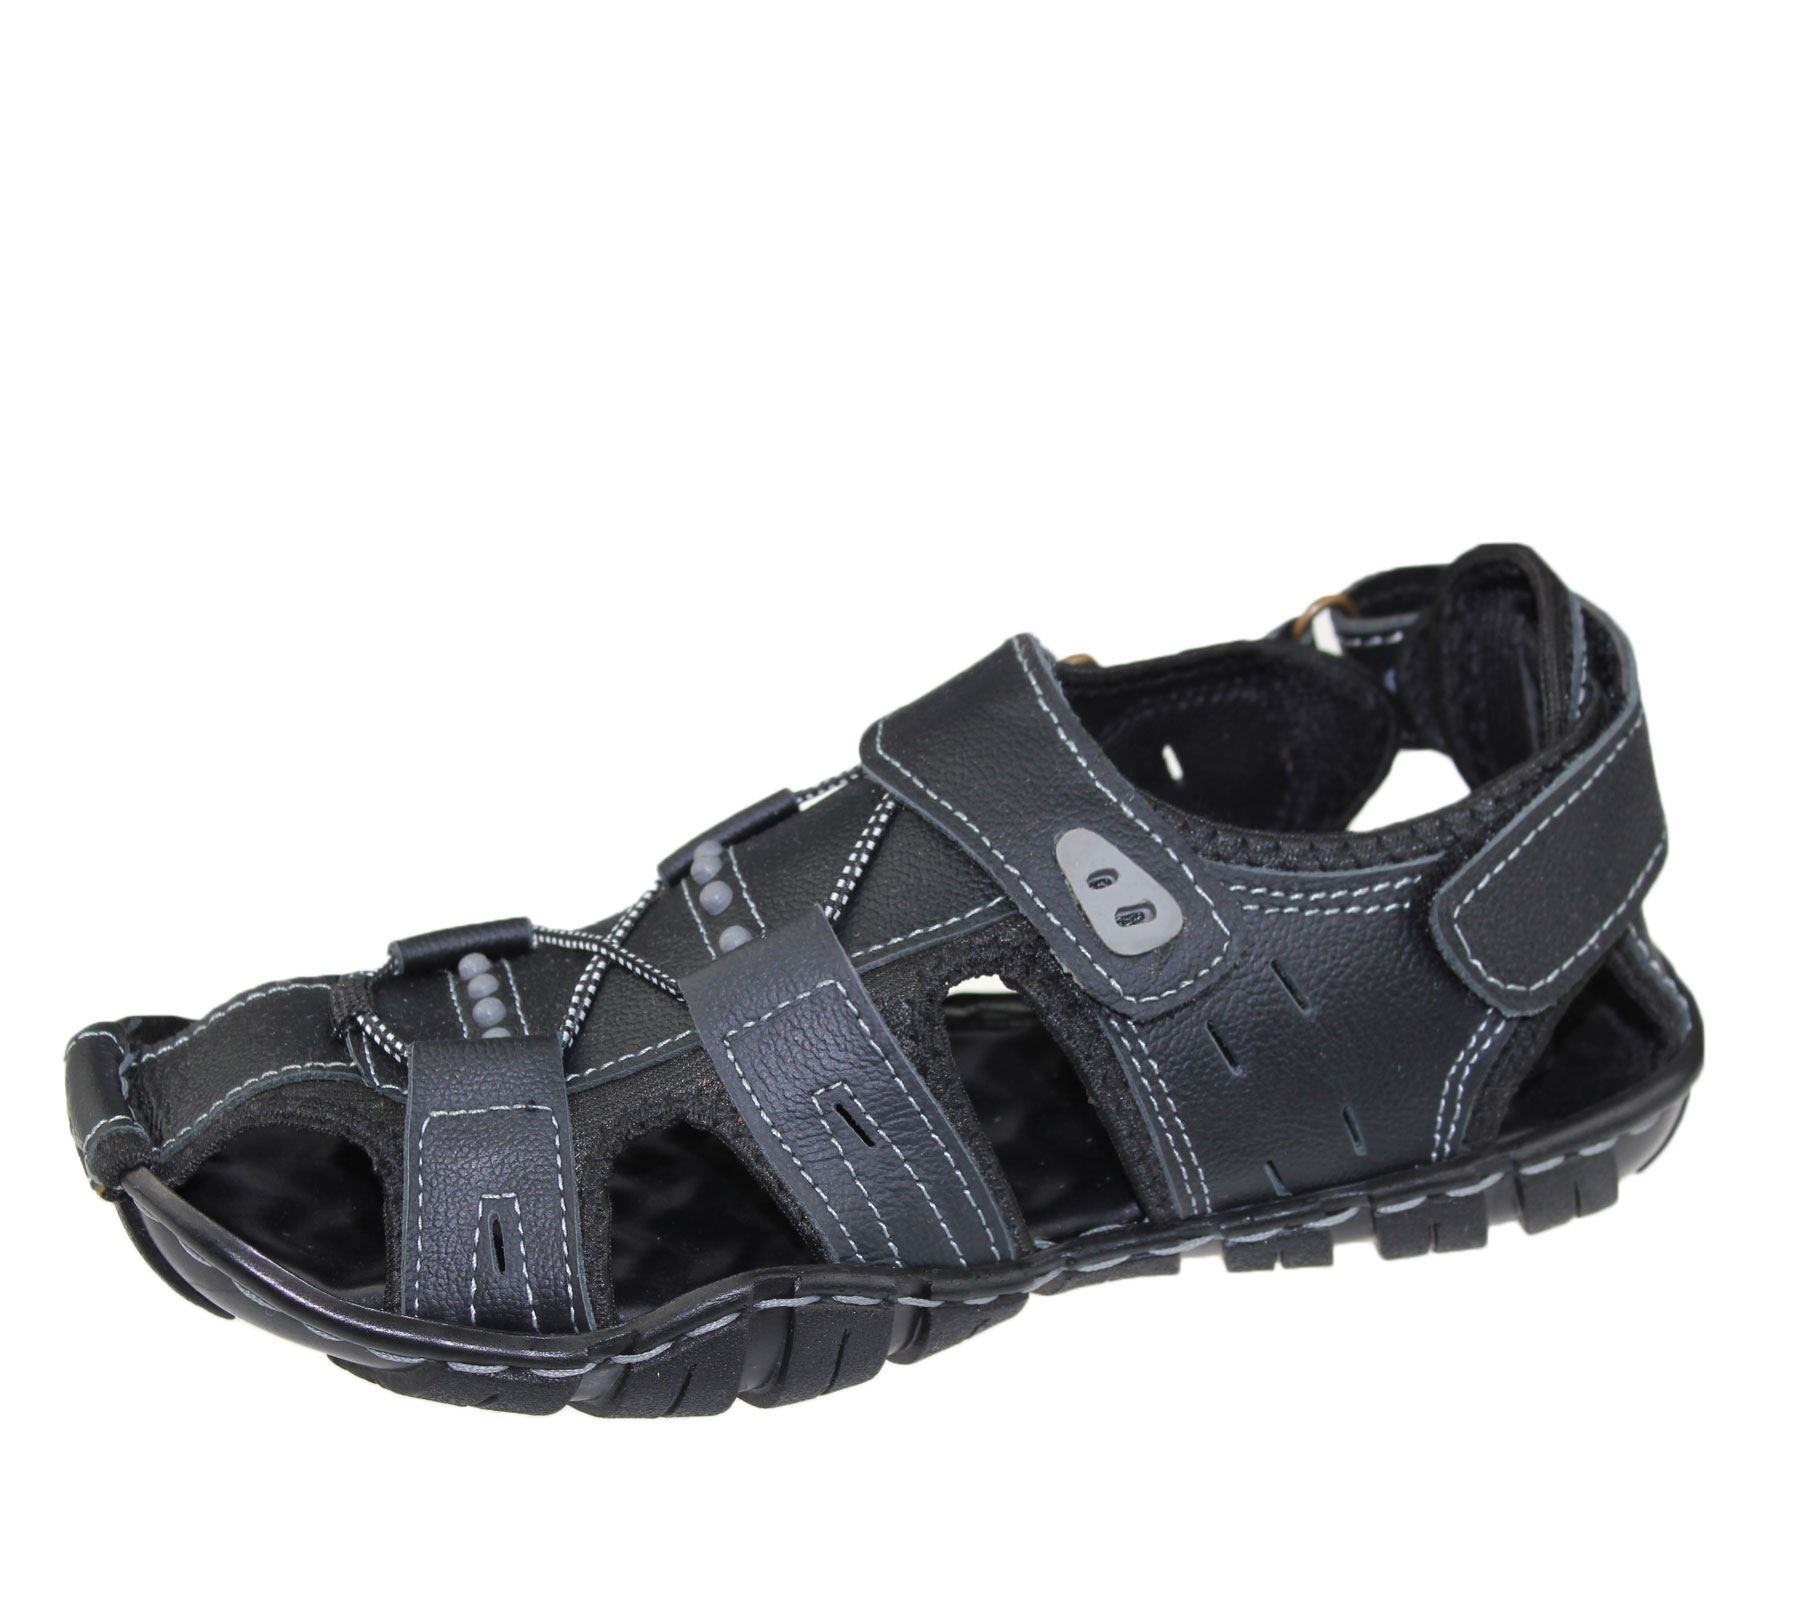 Mens-Sandal-Beach-Buckle-Walking-Fashion-Summer-Casual-Slipper miniatura 9